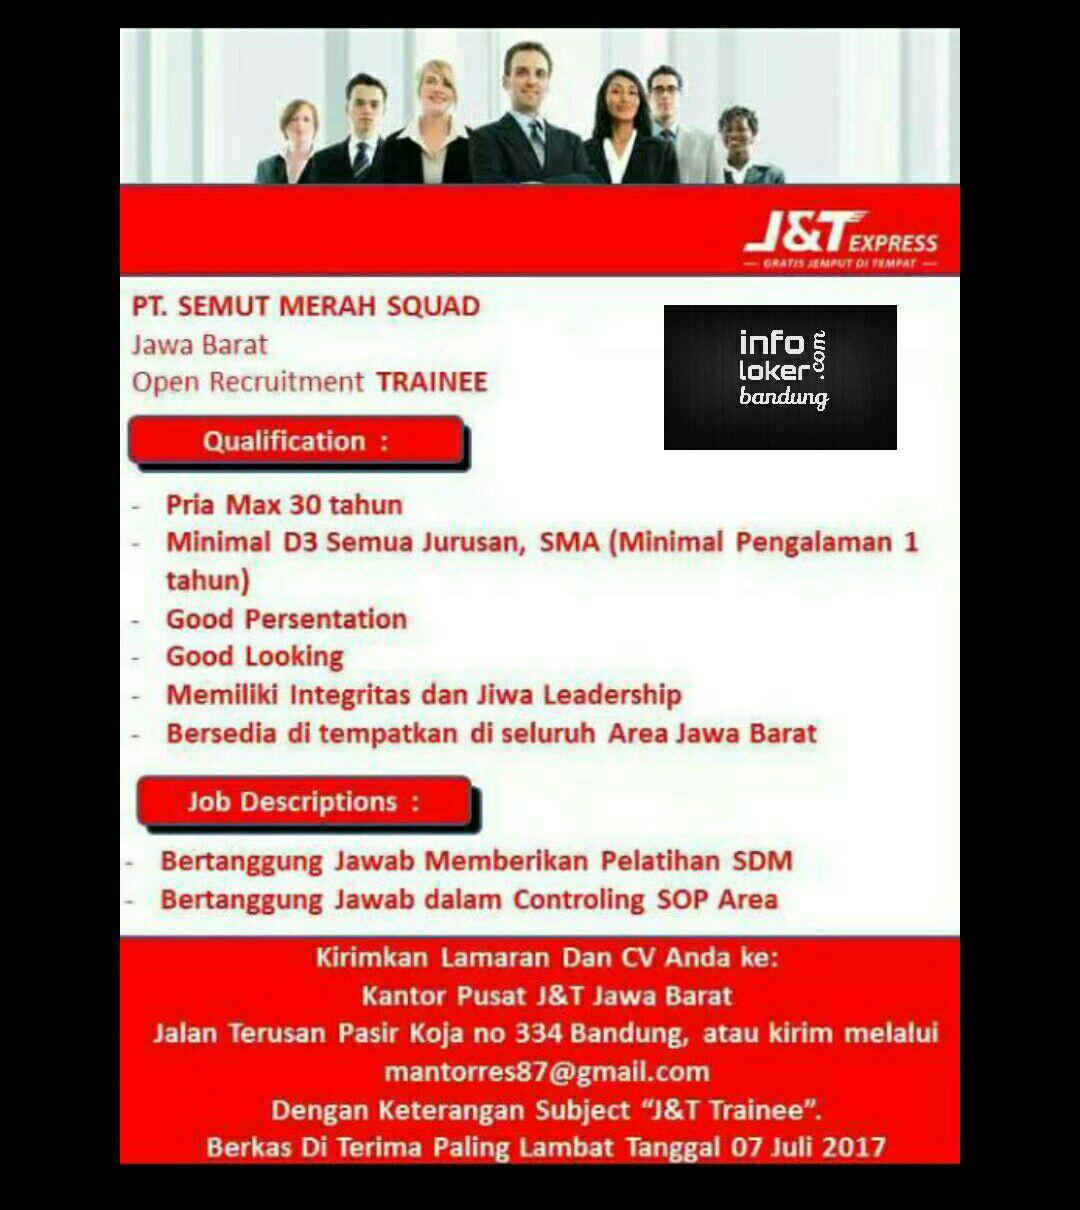 Lowongan Kerja J&T Express Bandung Juli 2017